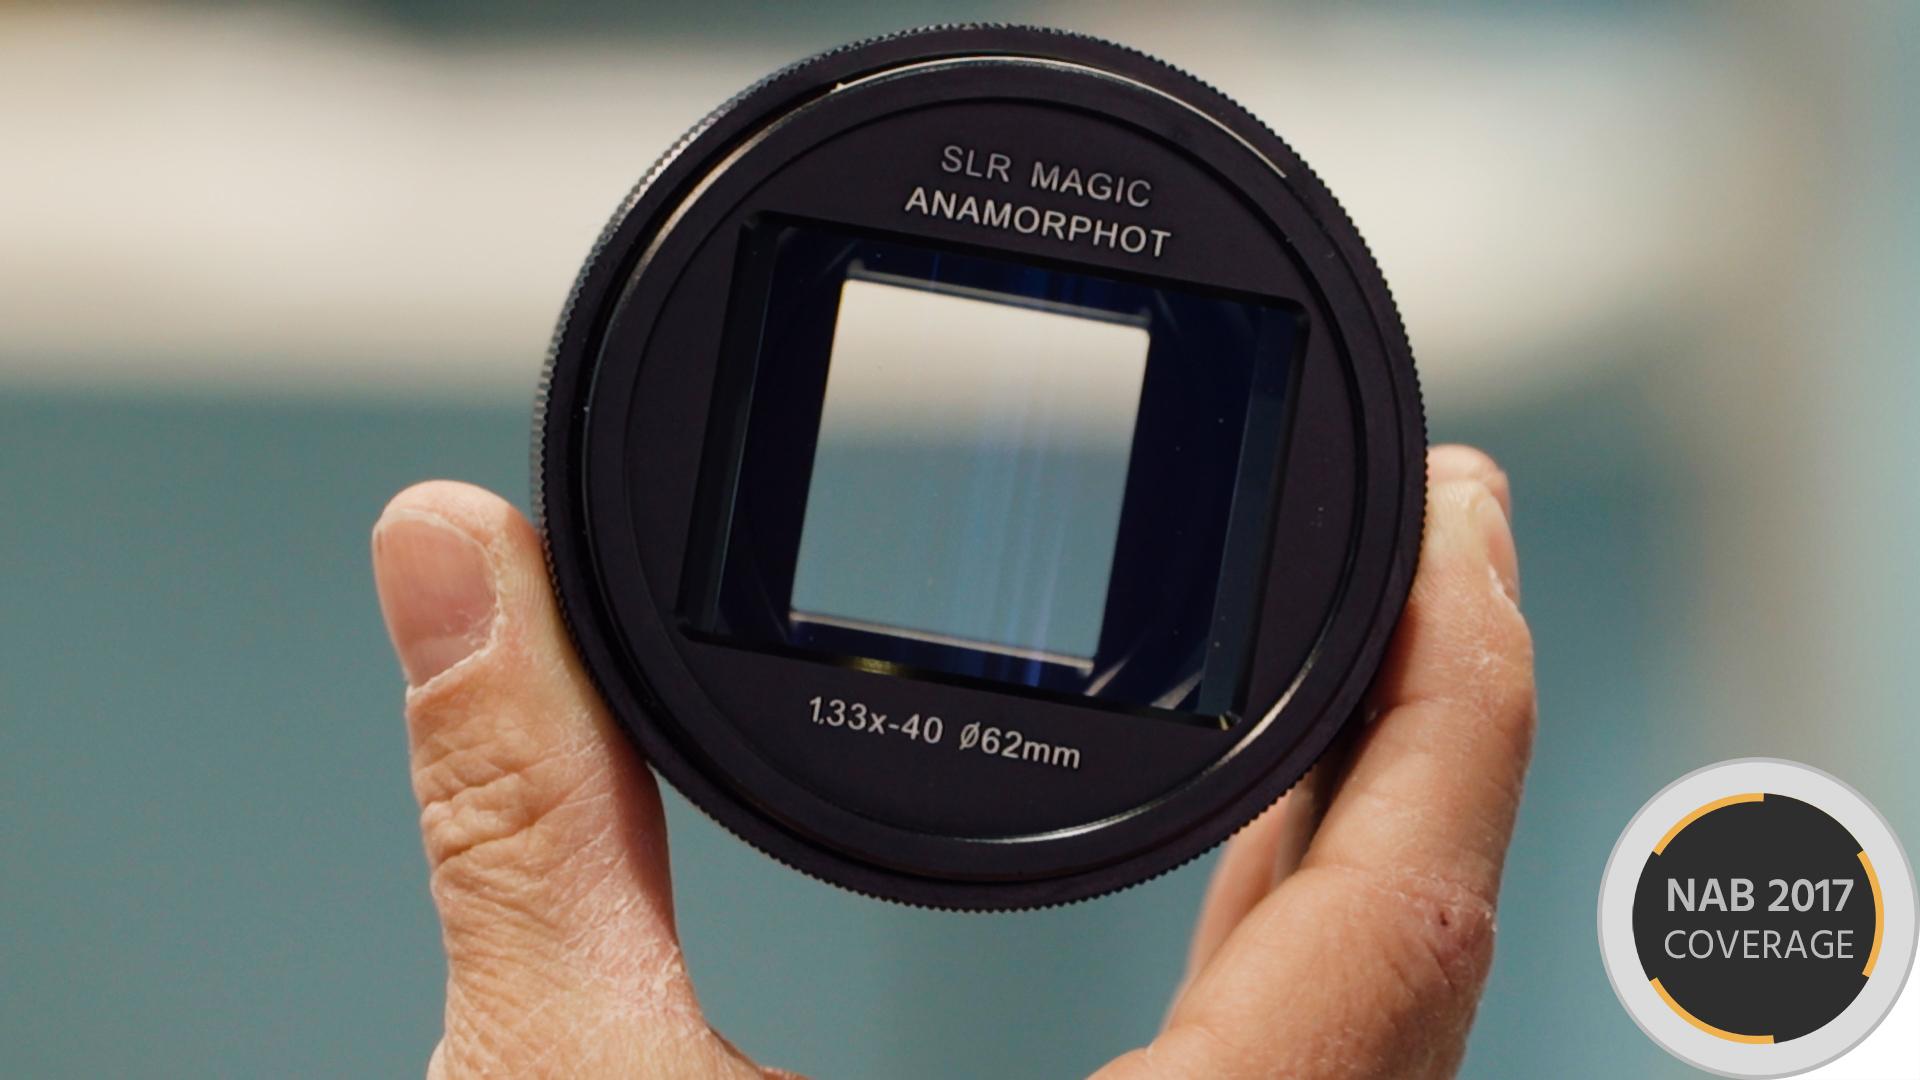 SLR Magicがアナモフィックアダプター Anamorphot を発表